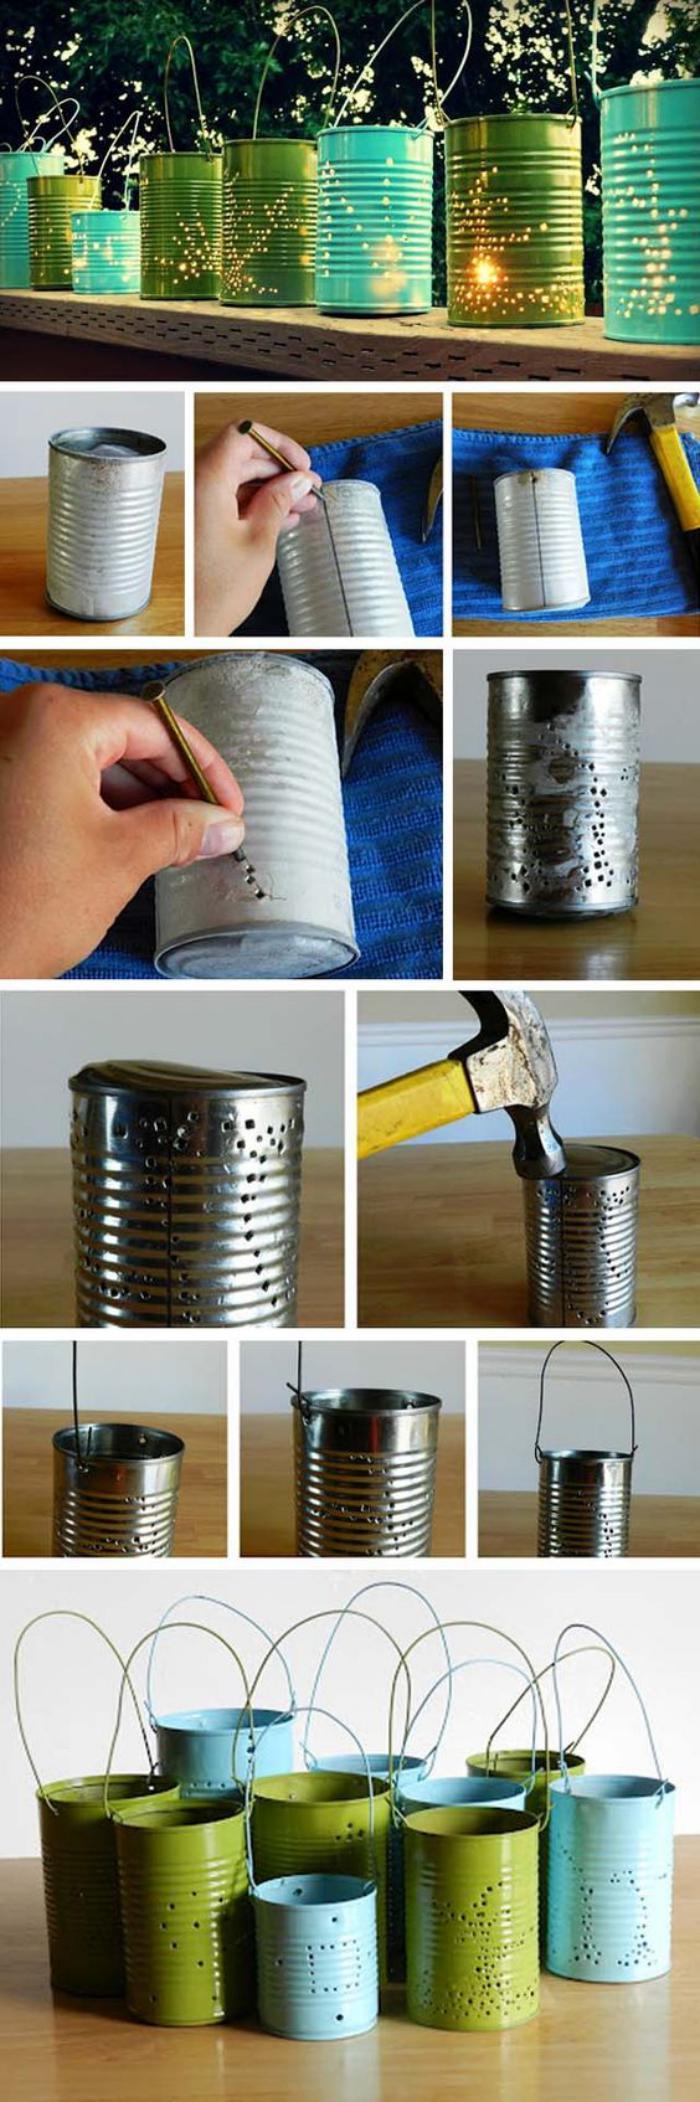 boîte-de-conserve-réaliser-des-photophores-avec-boites-métalliques-réutilisées